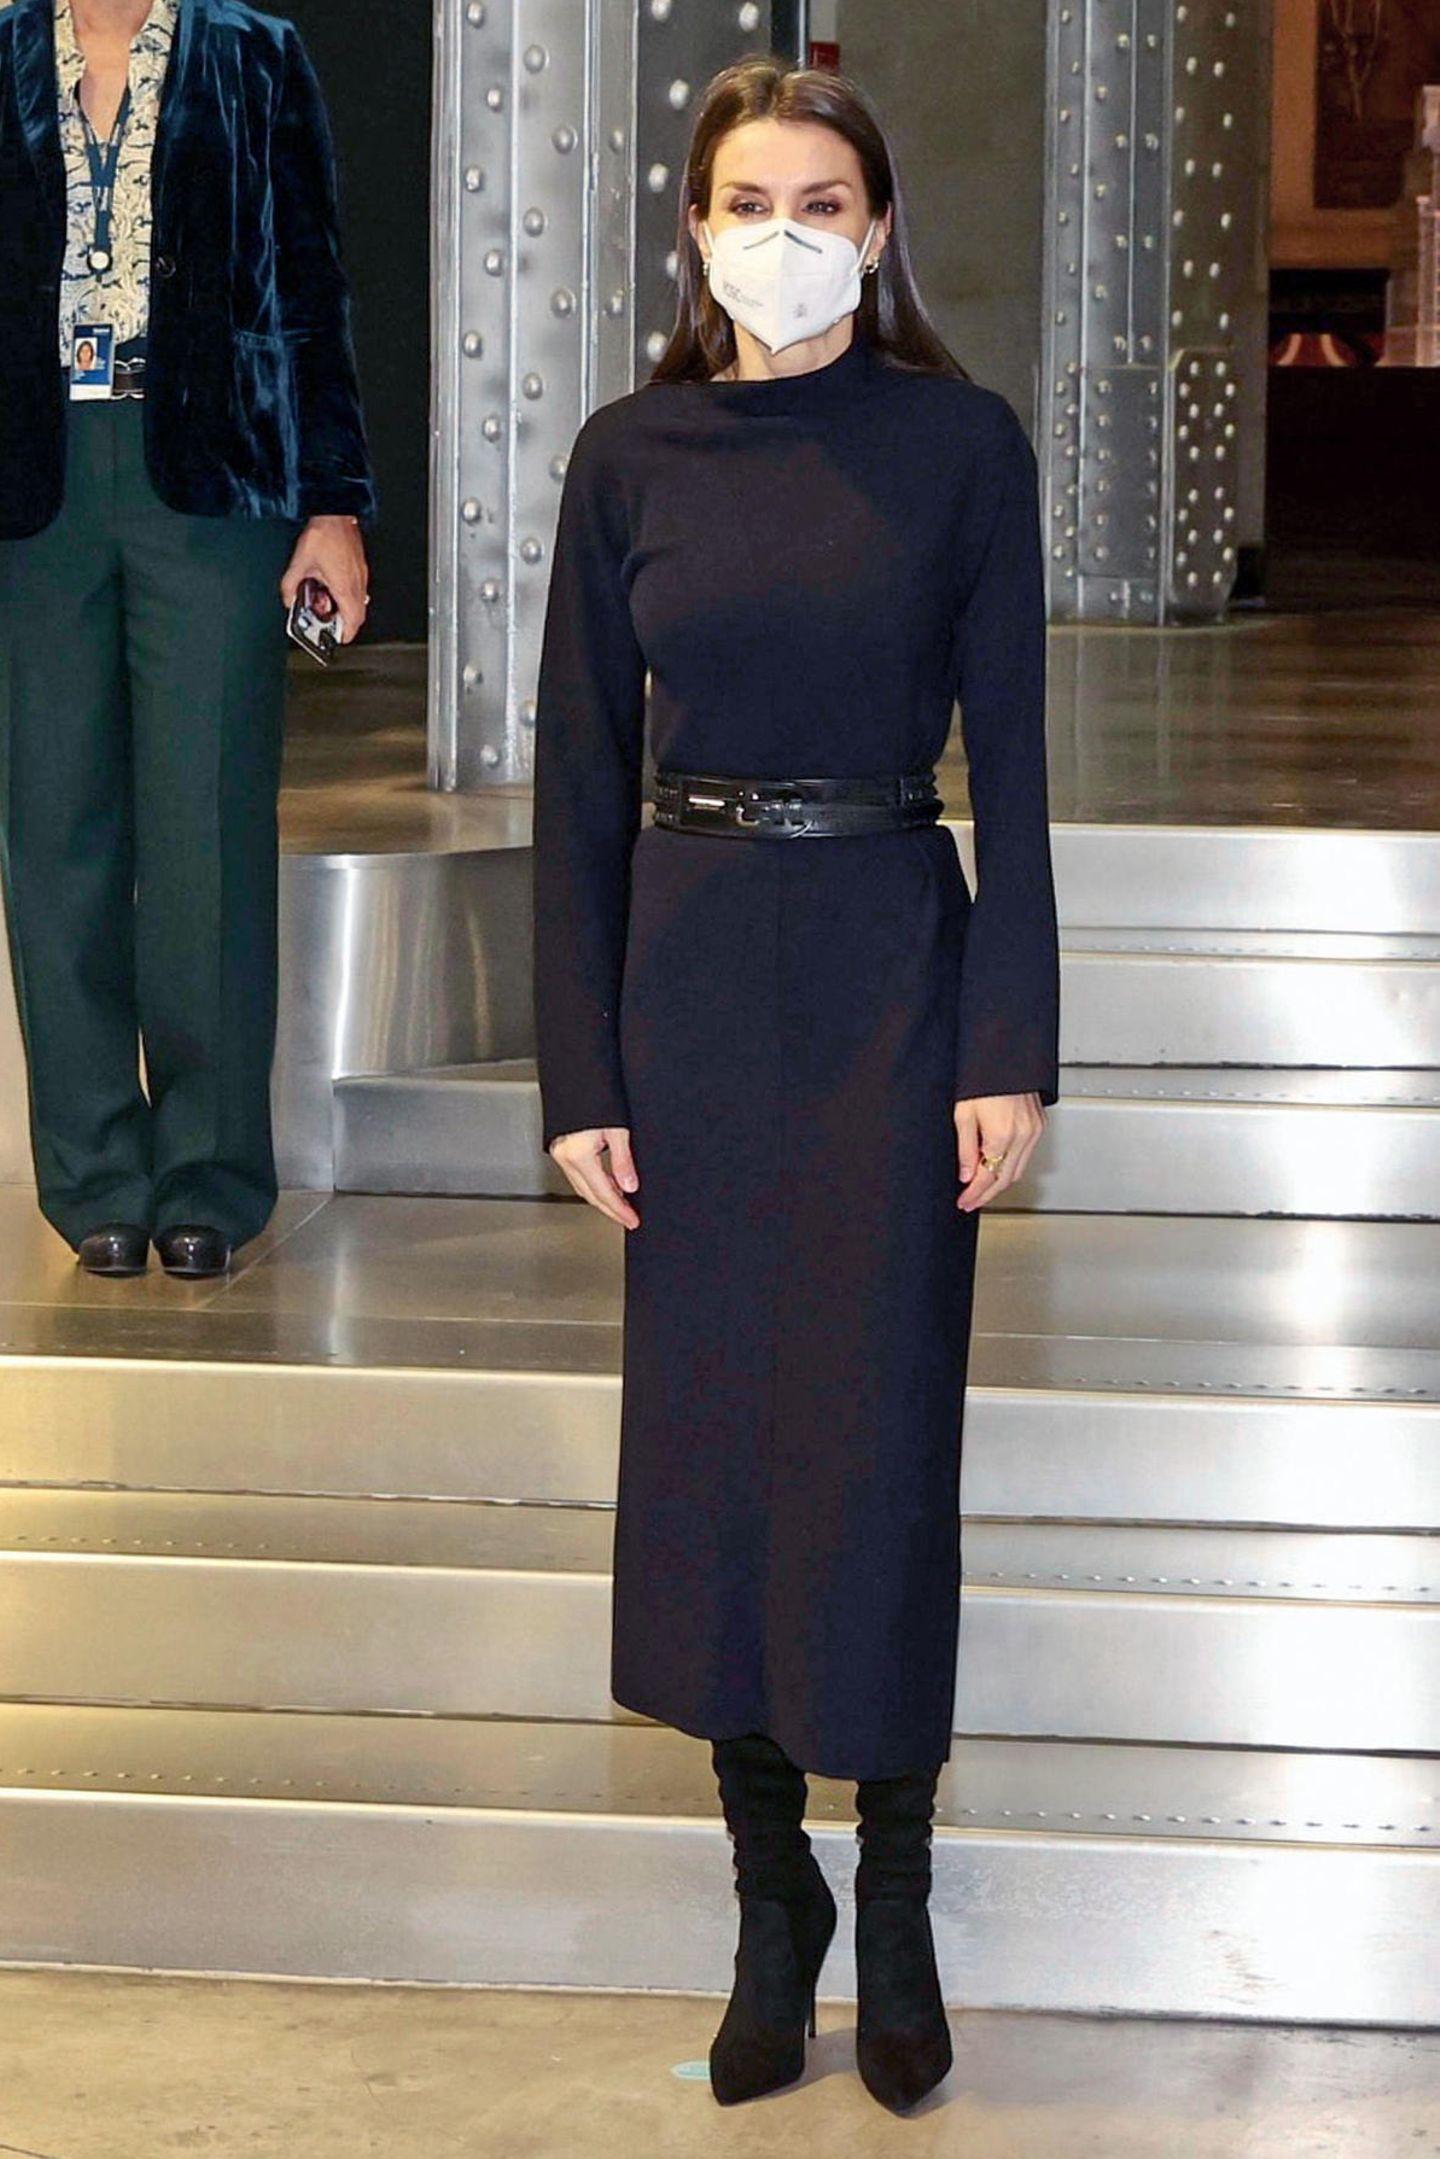 Es ist der zweite öffentliche Auftritt im neuen Jahr für Königin Letizia. Beim Arbeitstreffen mit dem Vorstand von Telefonica setzt die Monarchin auf ein Kleid von der Stange. In der Kombination mit einem schwarzen Taillengürtel, schwarzen Overknee-Stiefeln und dezentem Goldschmuck wirkt das Kleid von Cos wie ein teures Designerstück und zaubert Königin Letizia eine zauberhafte Silhouette. Bereits ein Jahr zuvor, im Februar 2020 setzte Letizia auf exakt den gleichen Look bei einer Preisverleihung, nur die Maske ist dieses Jahr dazugekommen.